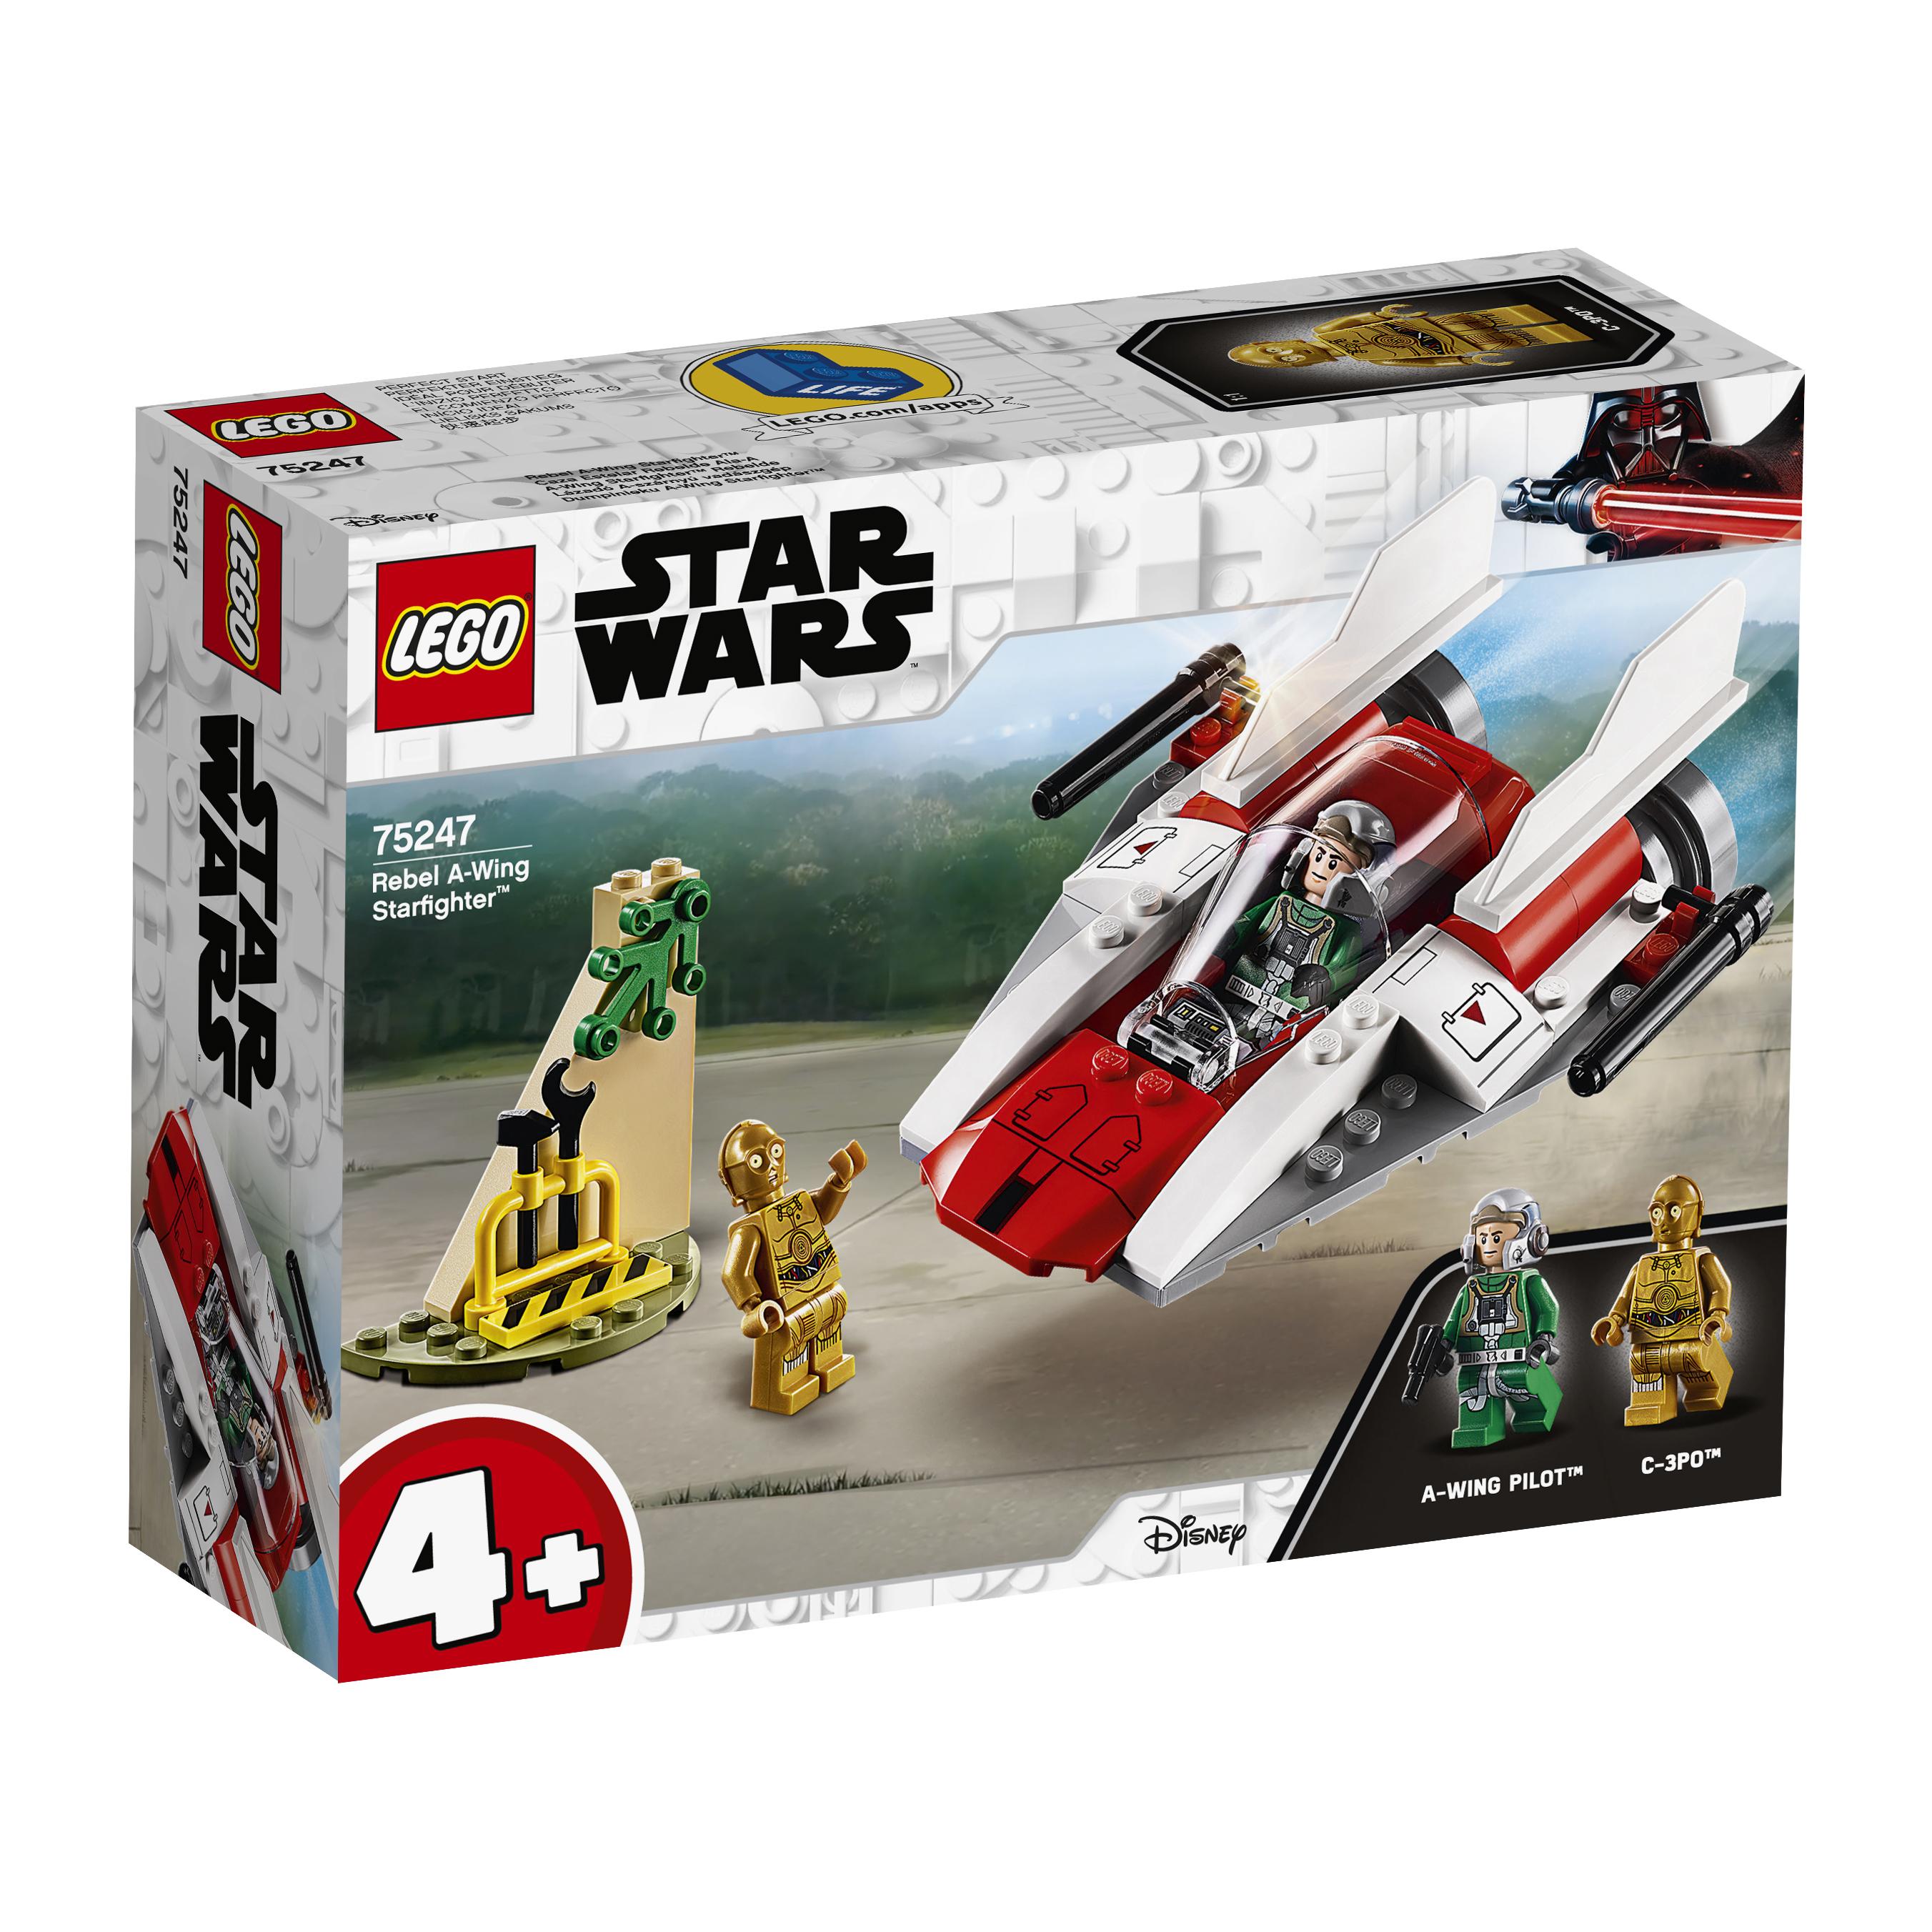 Конструктор LEGO Star Wars 75247 Звёздный истребитель типа А конструктор lego star wars истребитель сопротивления типа икс 740 элементов 75149